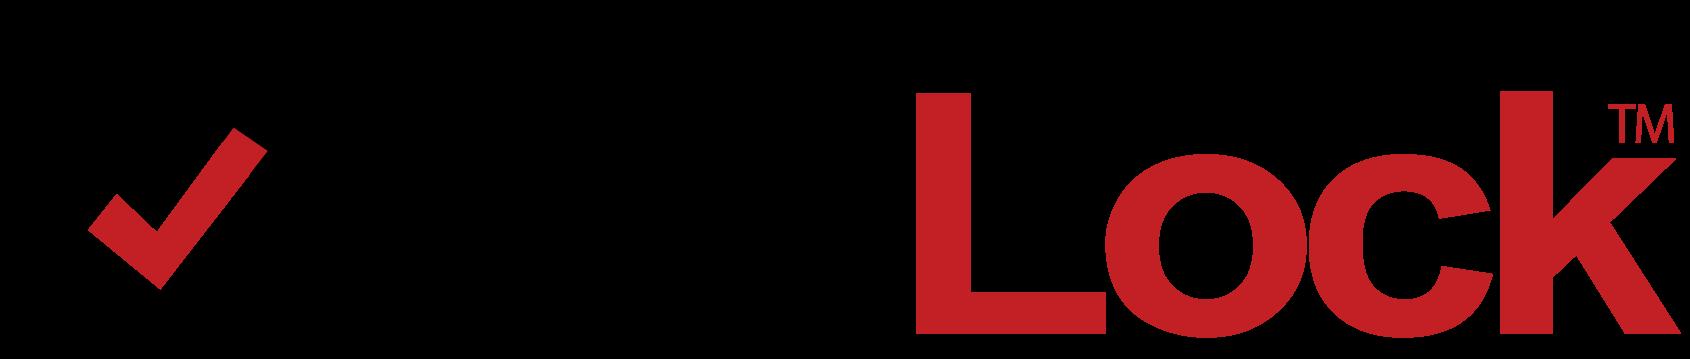 globalsign SiteLock